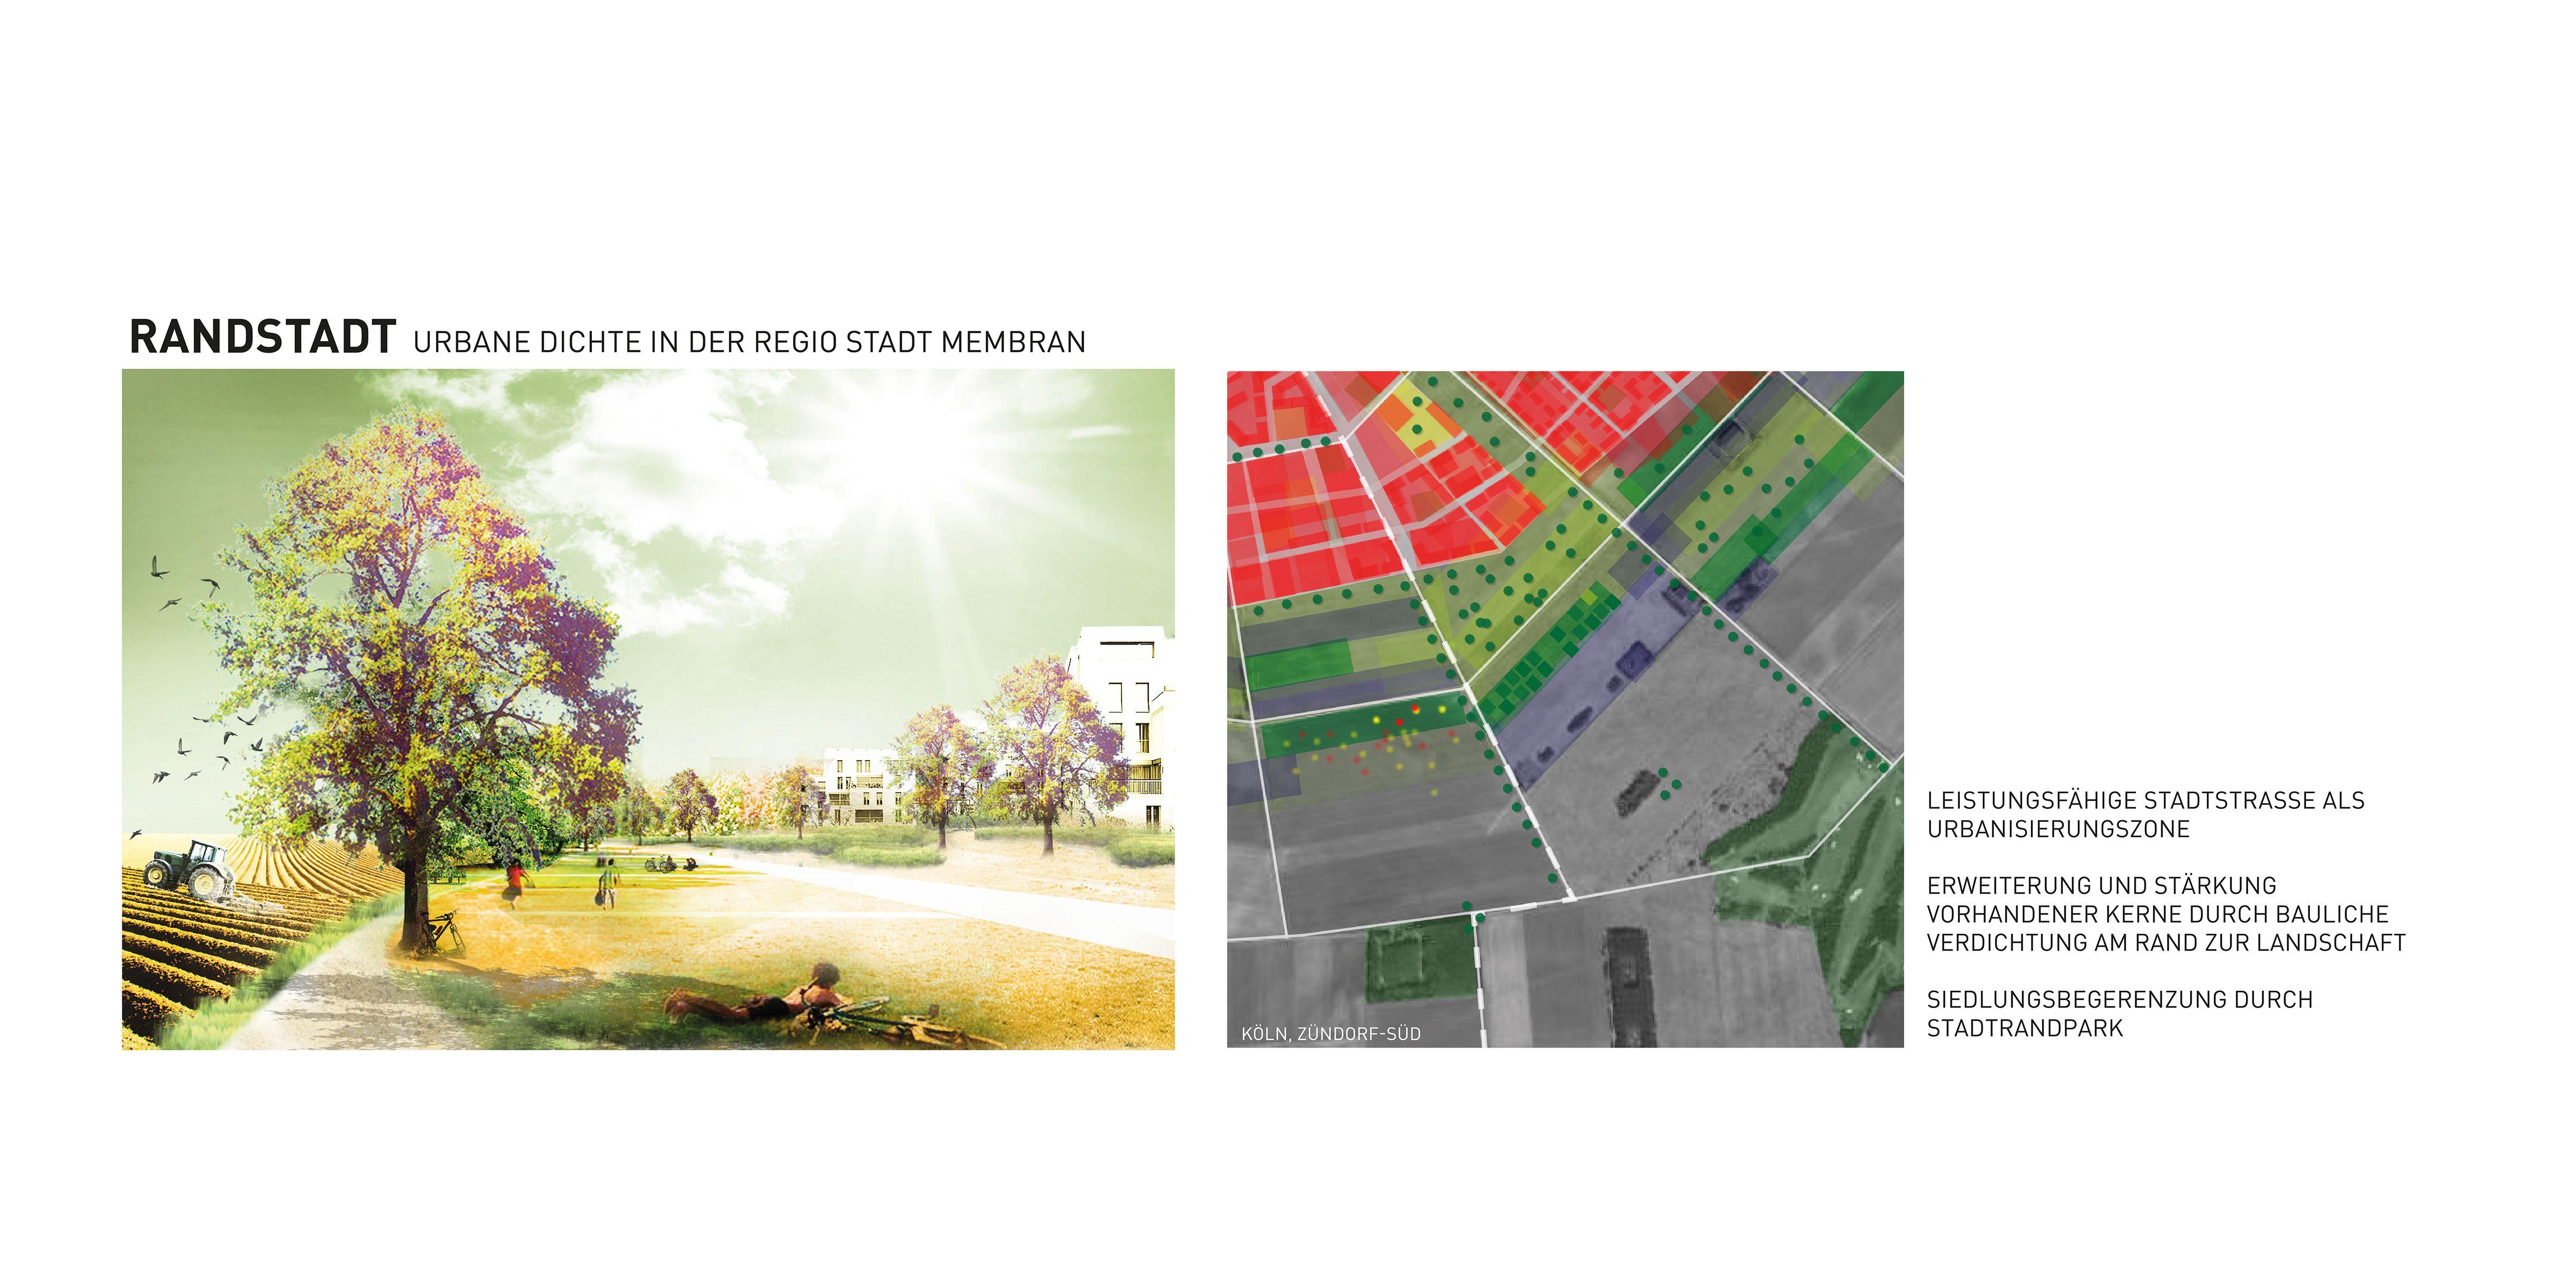 Raumperspektive 2035: Köln und rechtsrheinische Nachbarn Lupe Randstadt Zündorf-Süd